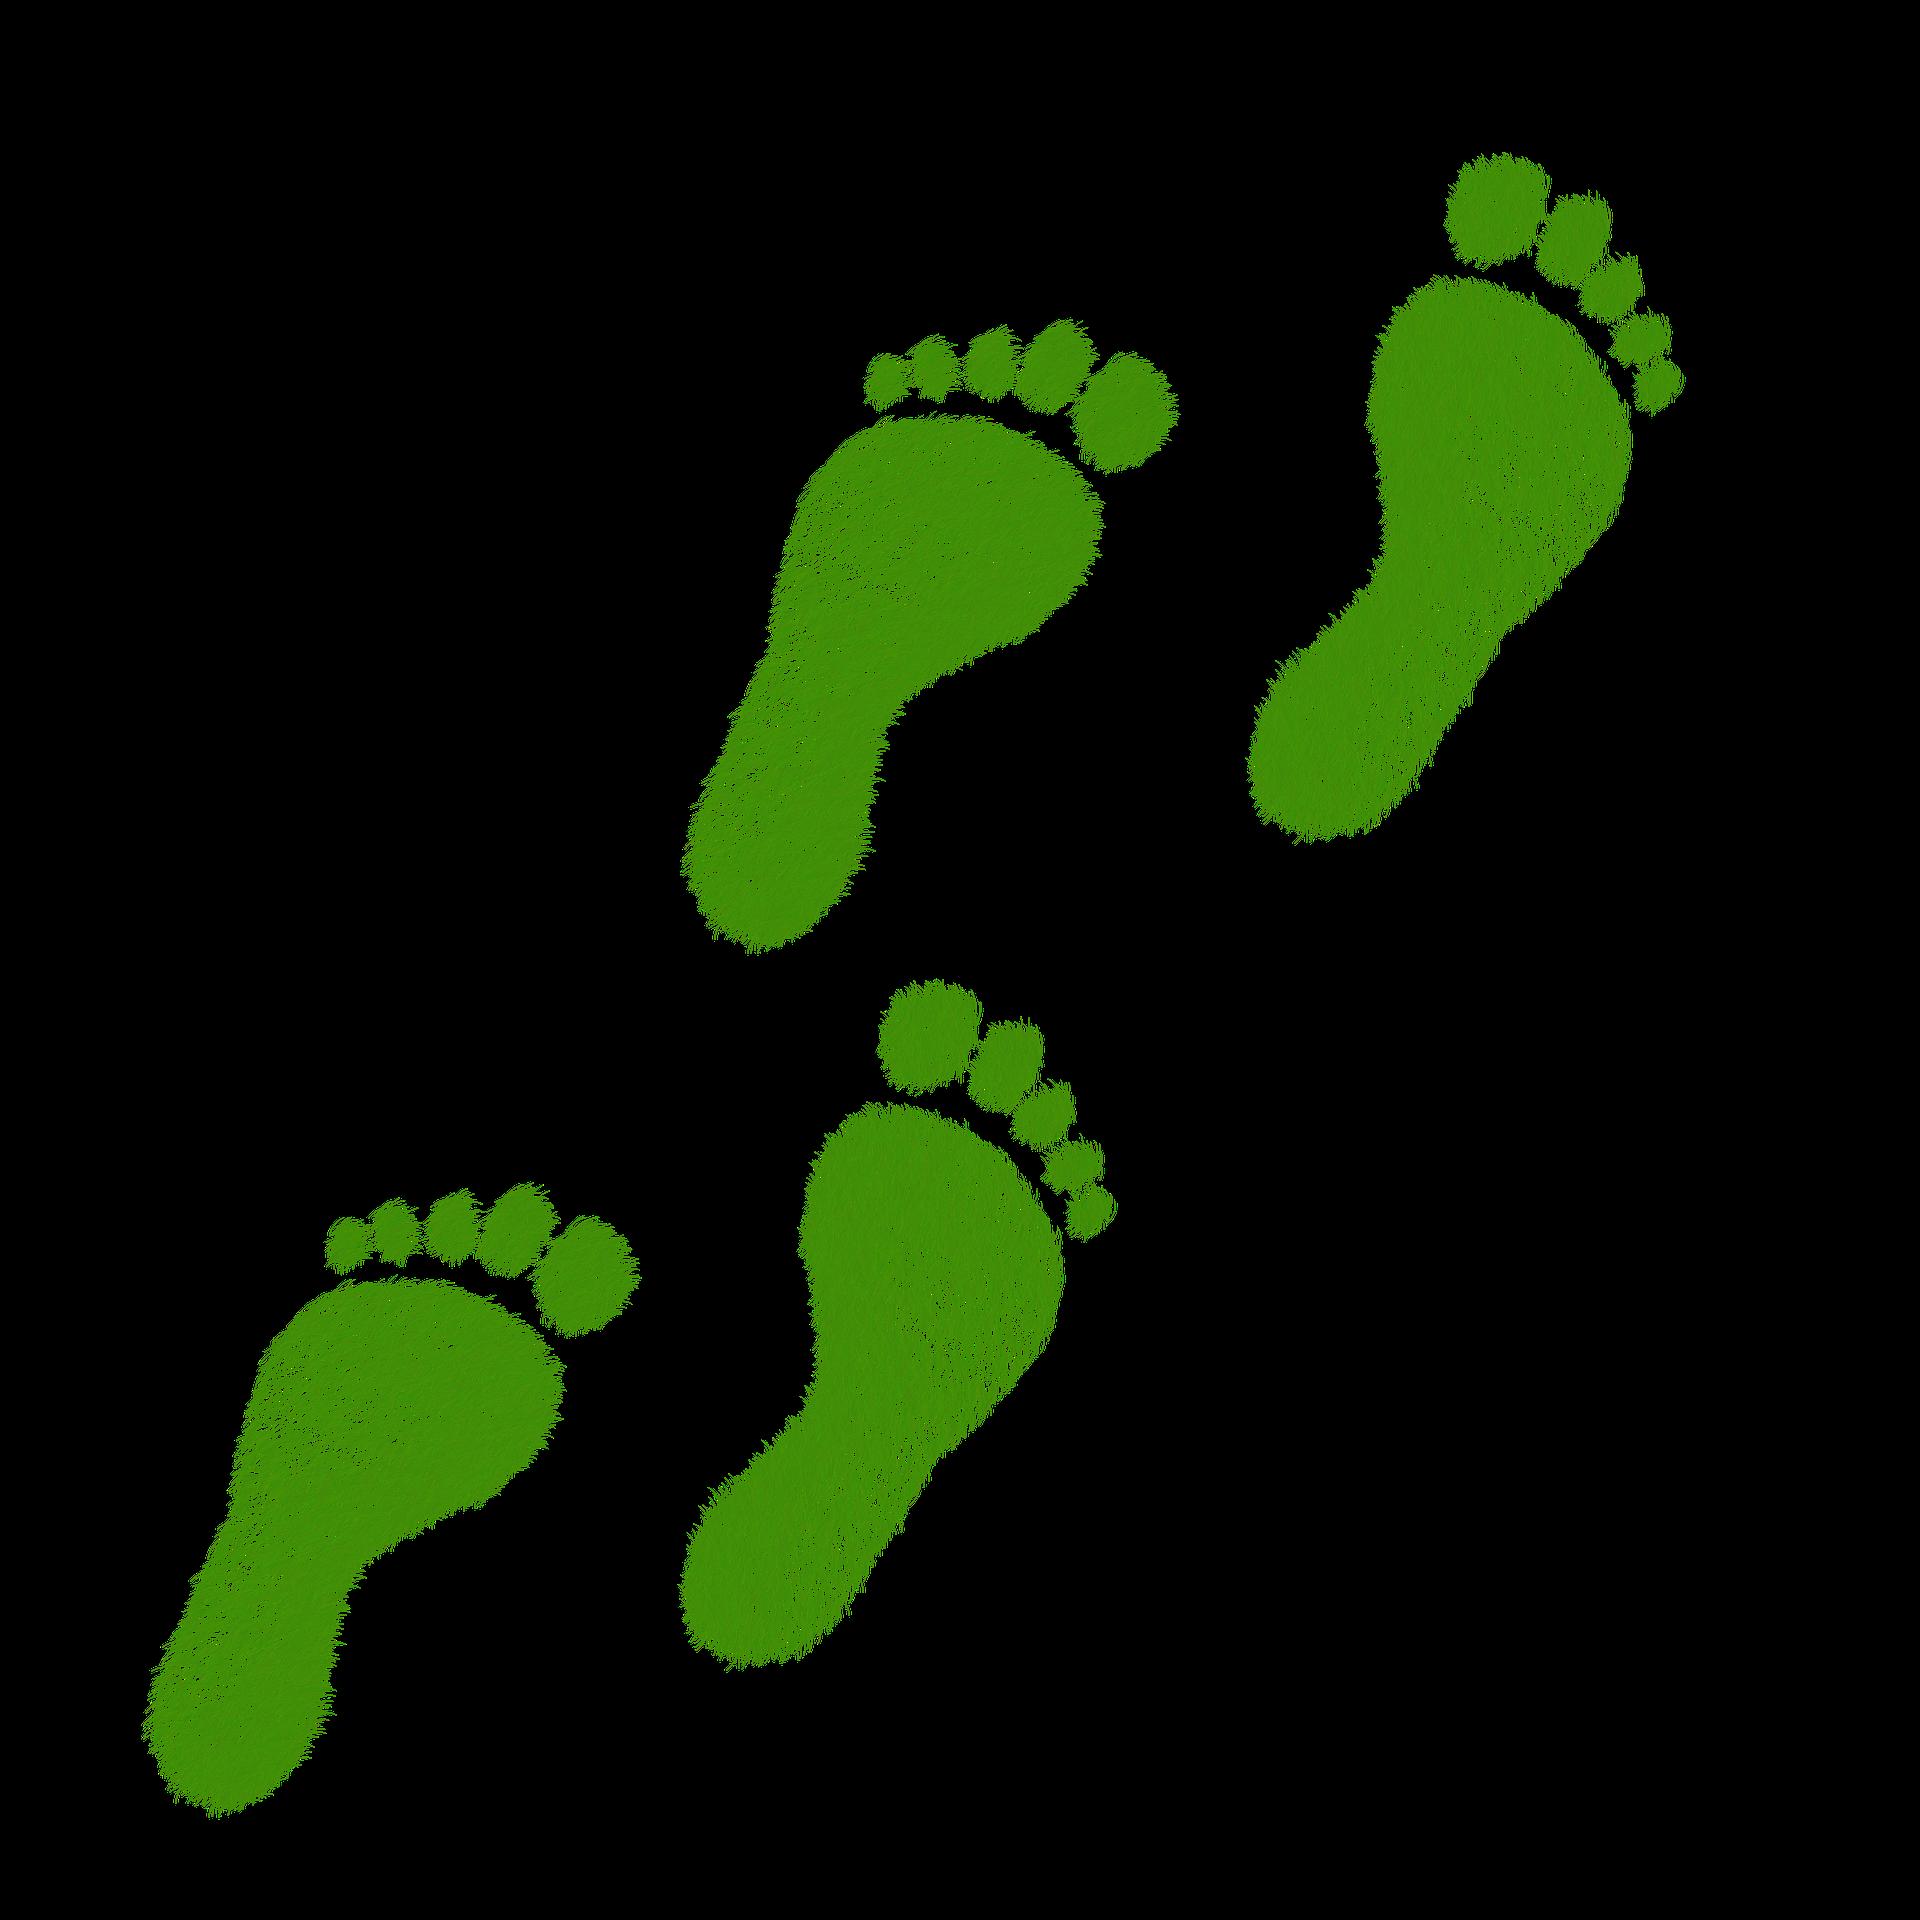 腰痛、肩こりなどに対しての効果と、「歩くことに自信が出た」の体験談